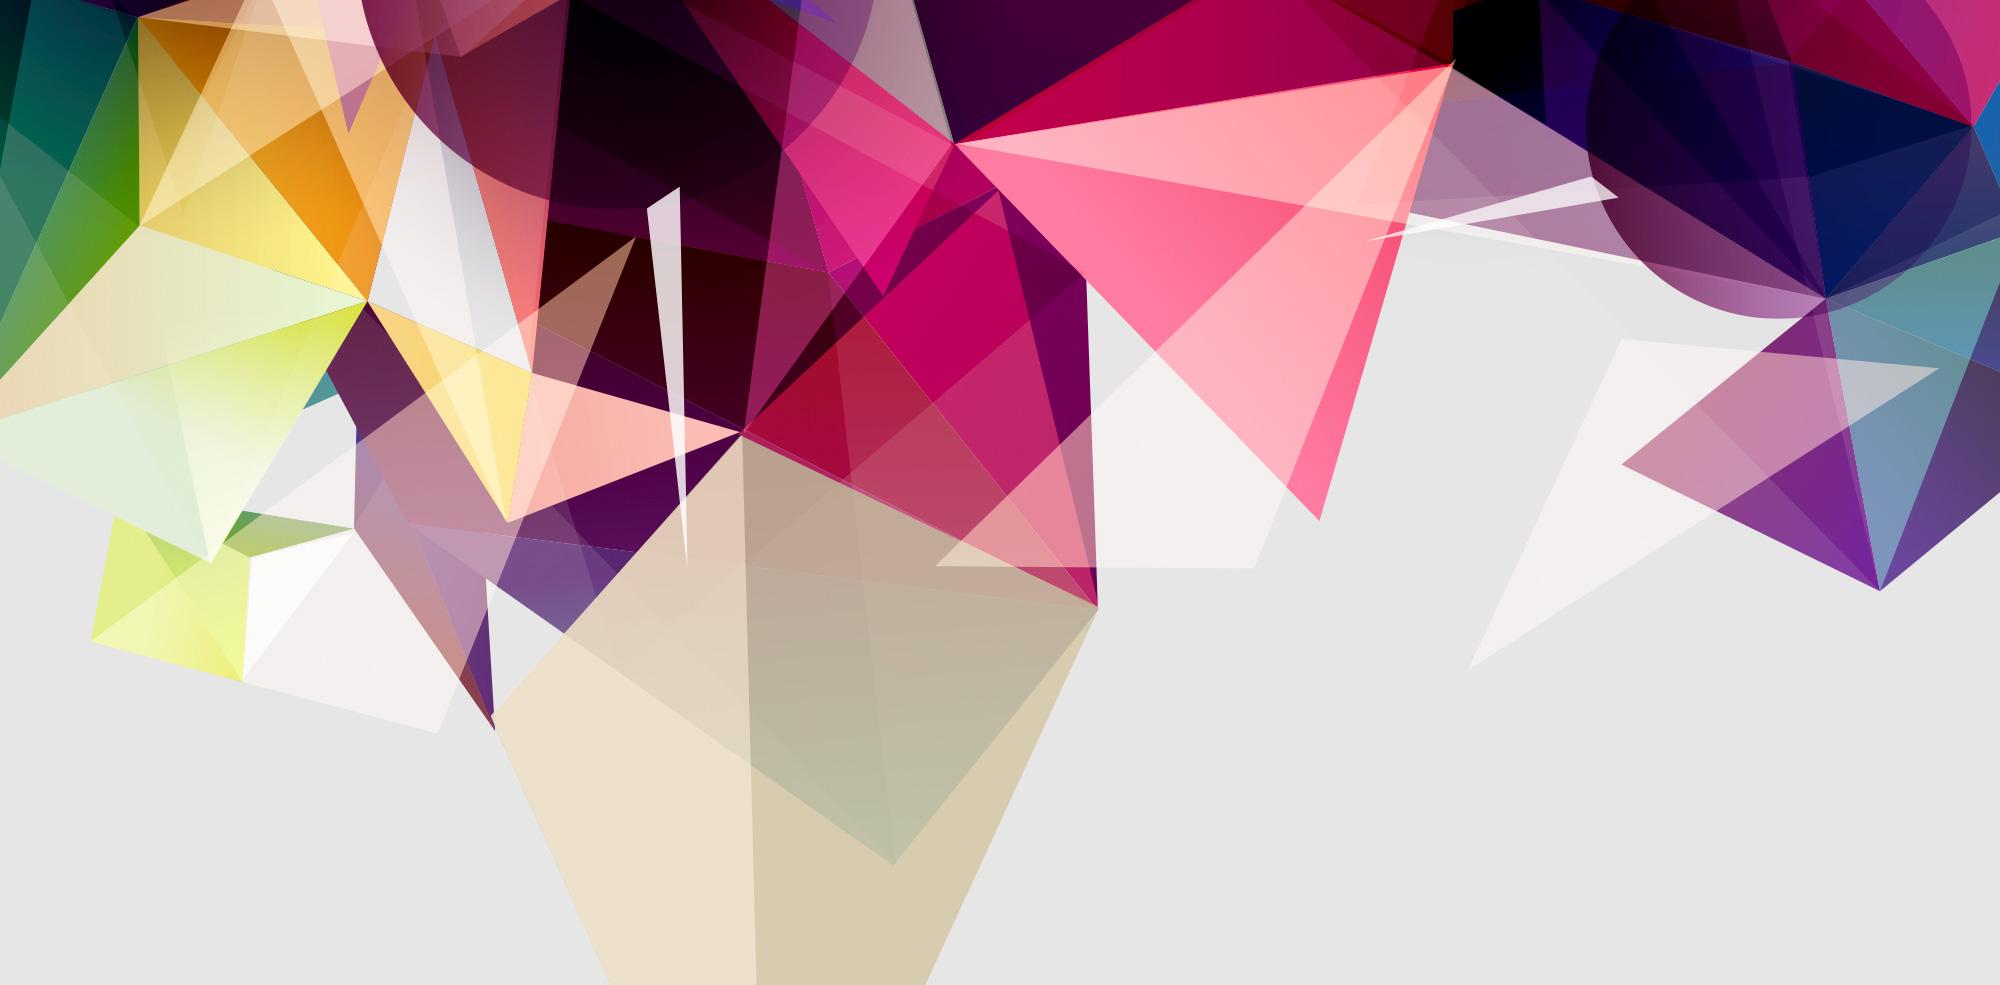 15 graphic design traits